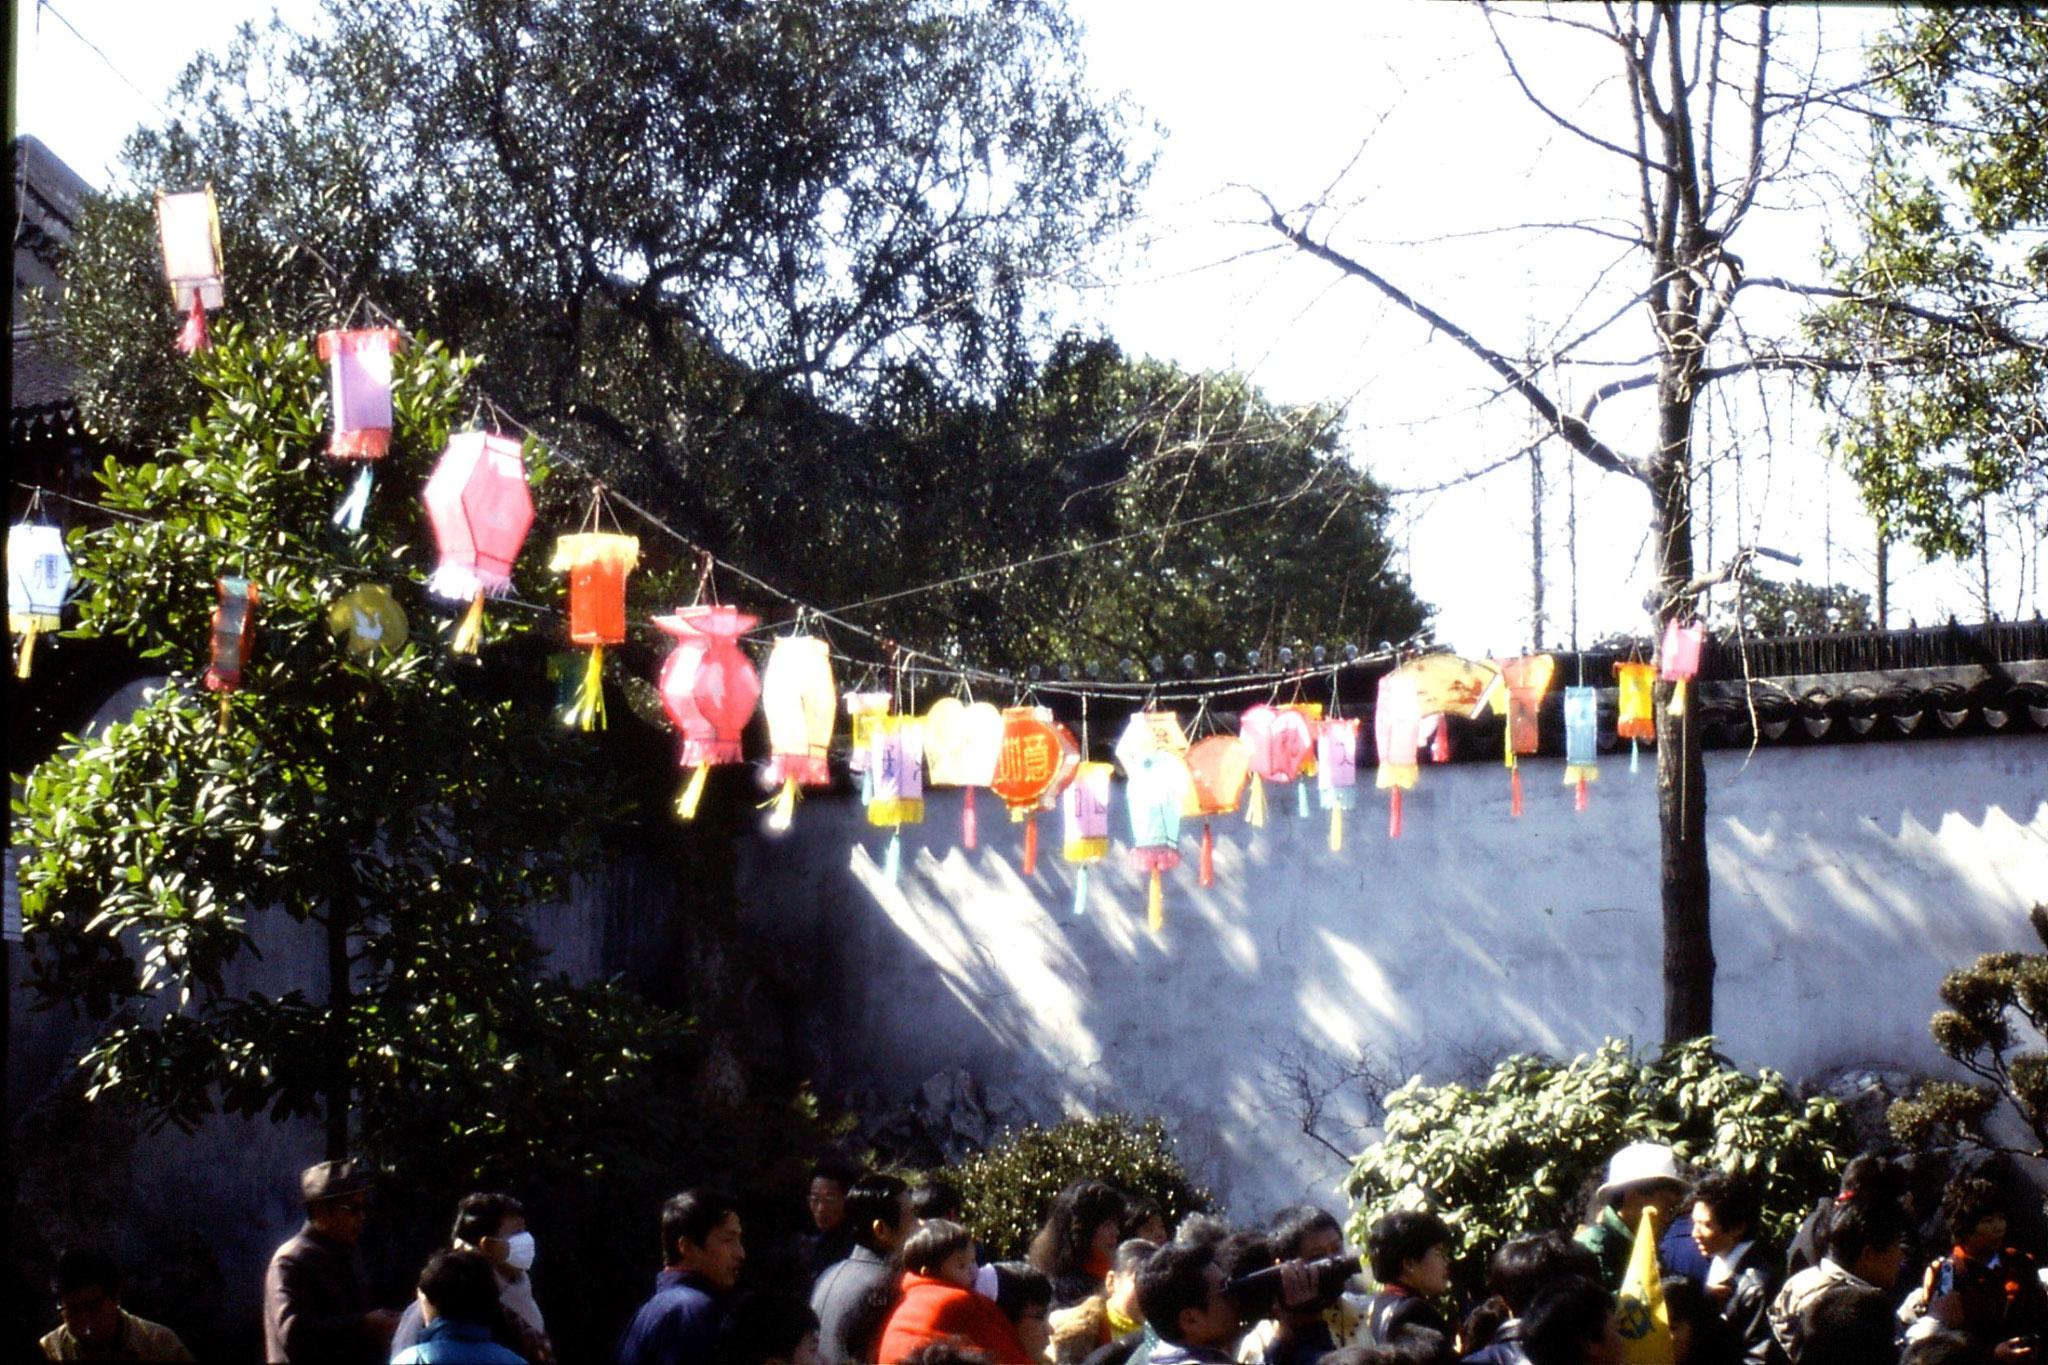 10/2/1989: 28: Yuyuan Gardens